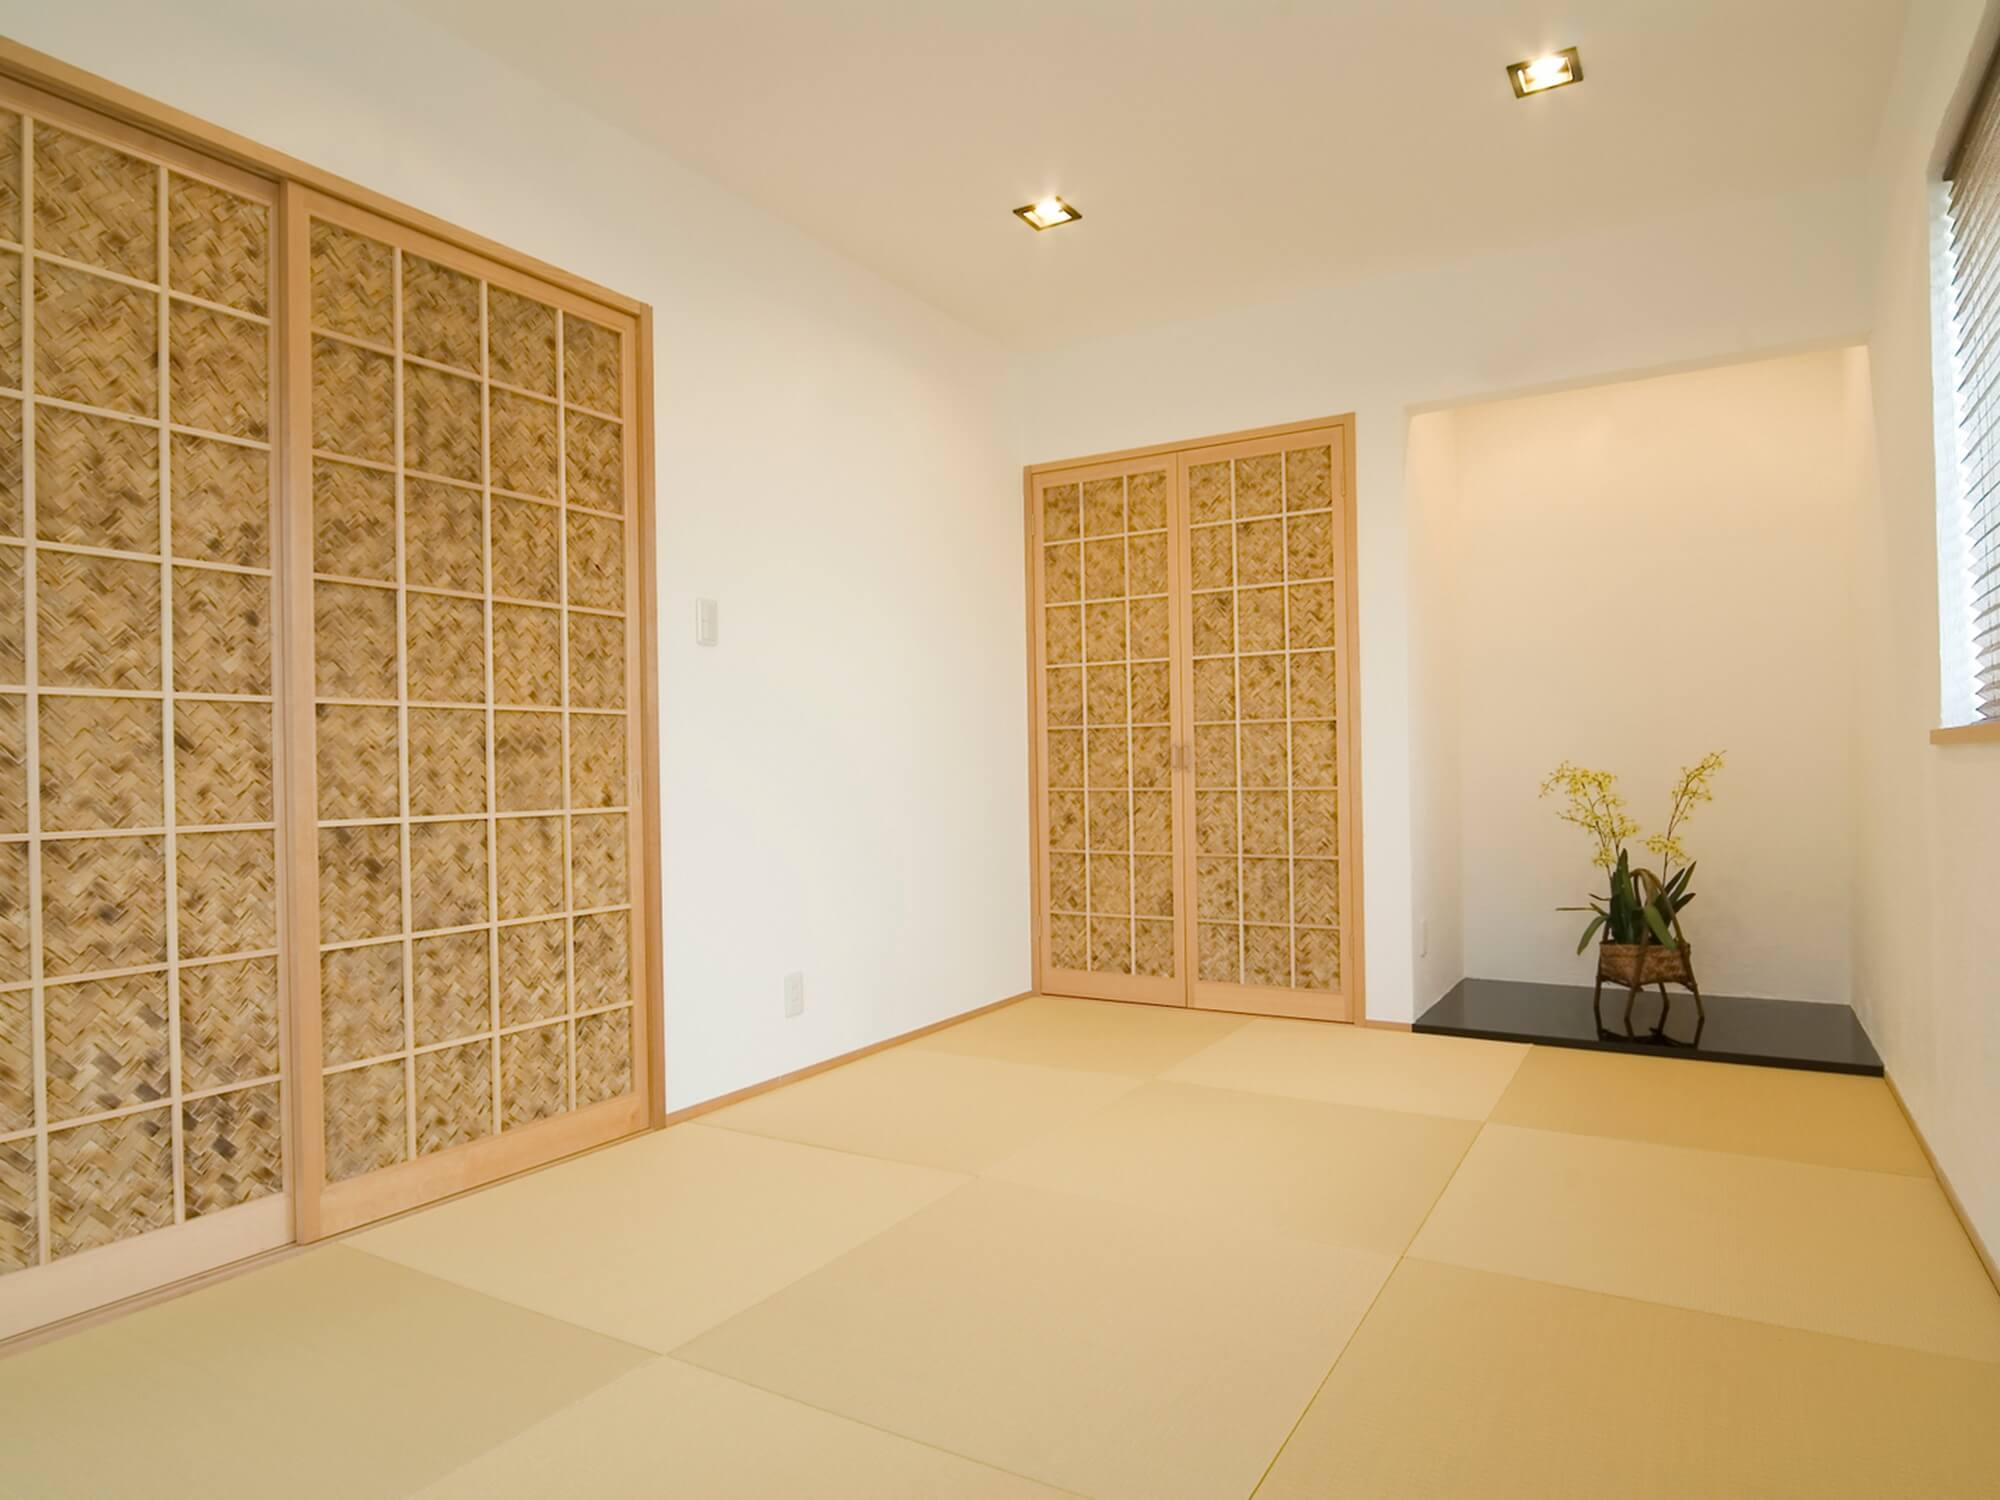 和室を作りたい!知っておきたい和室のメリットやデメリット